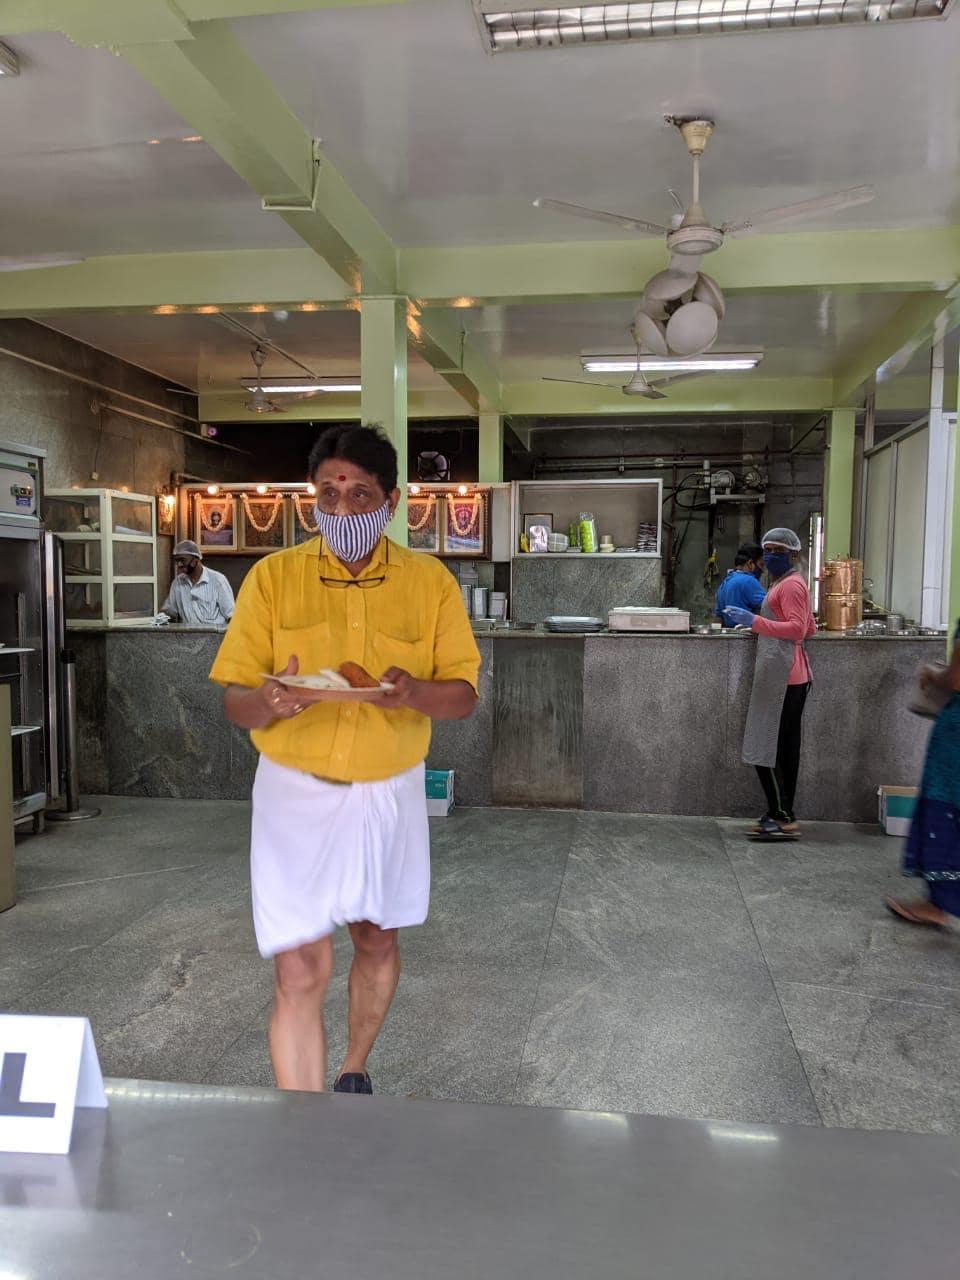 బెంగళూరులో బ్రాహ్మిన్స్ కాఫీ బార్ బయట కస్టమర్ల సందడి